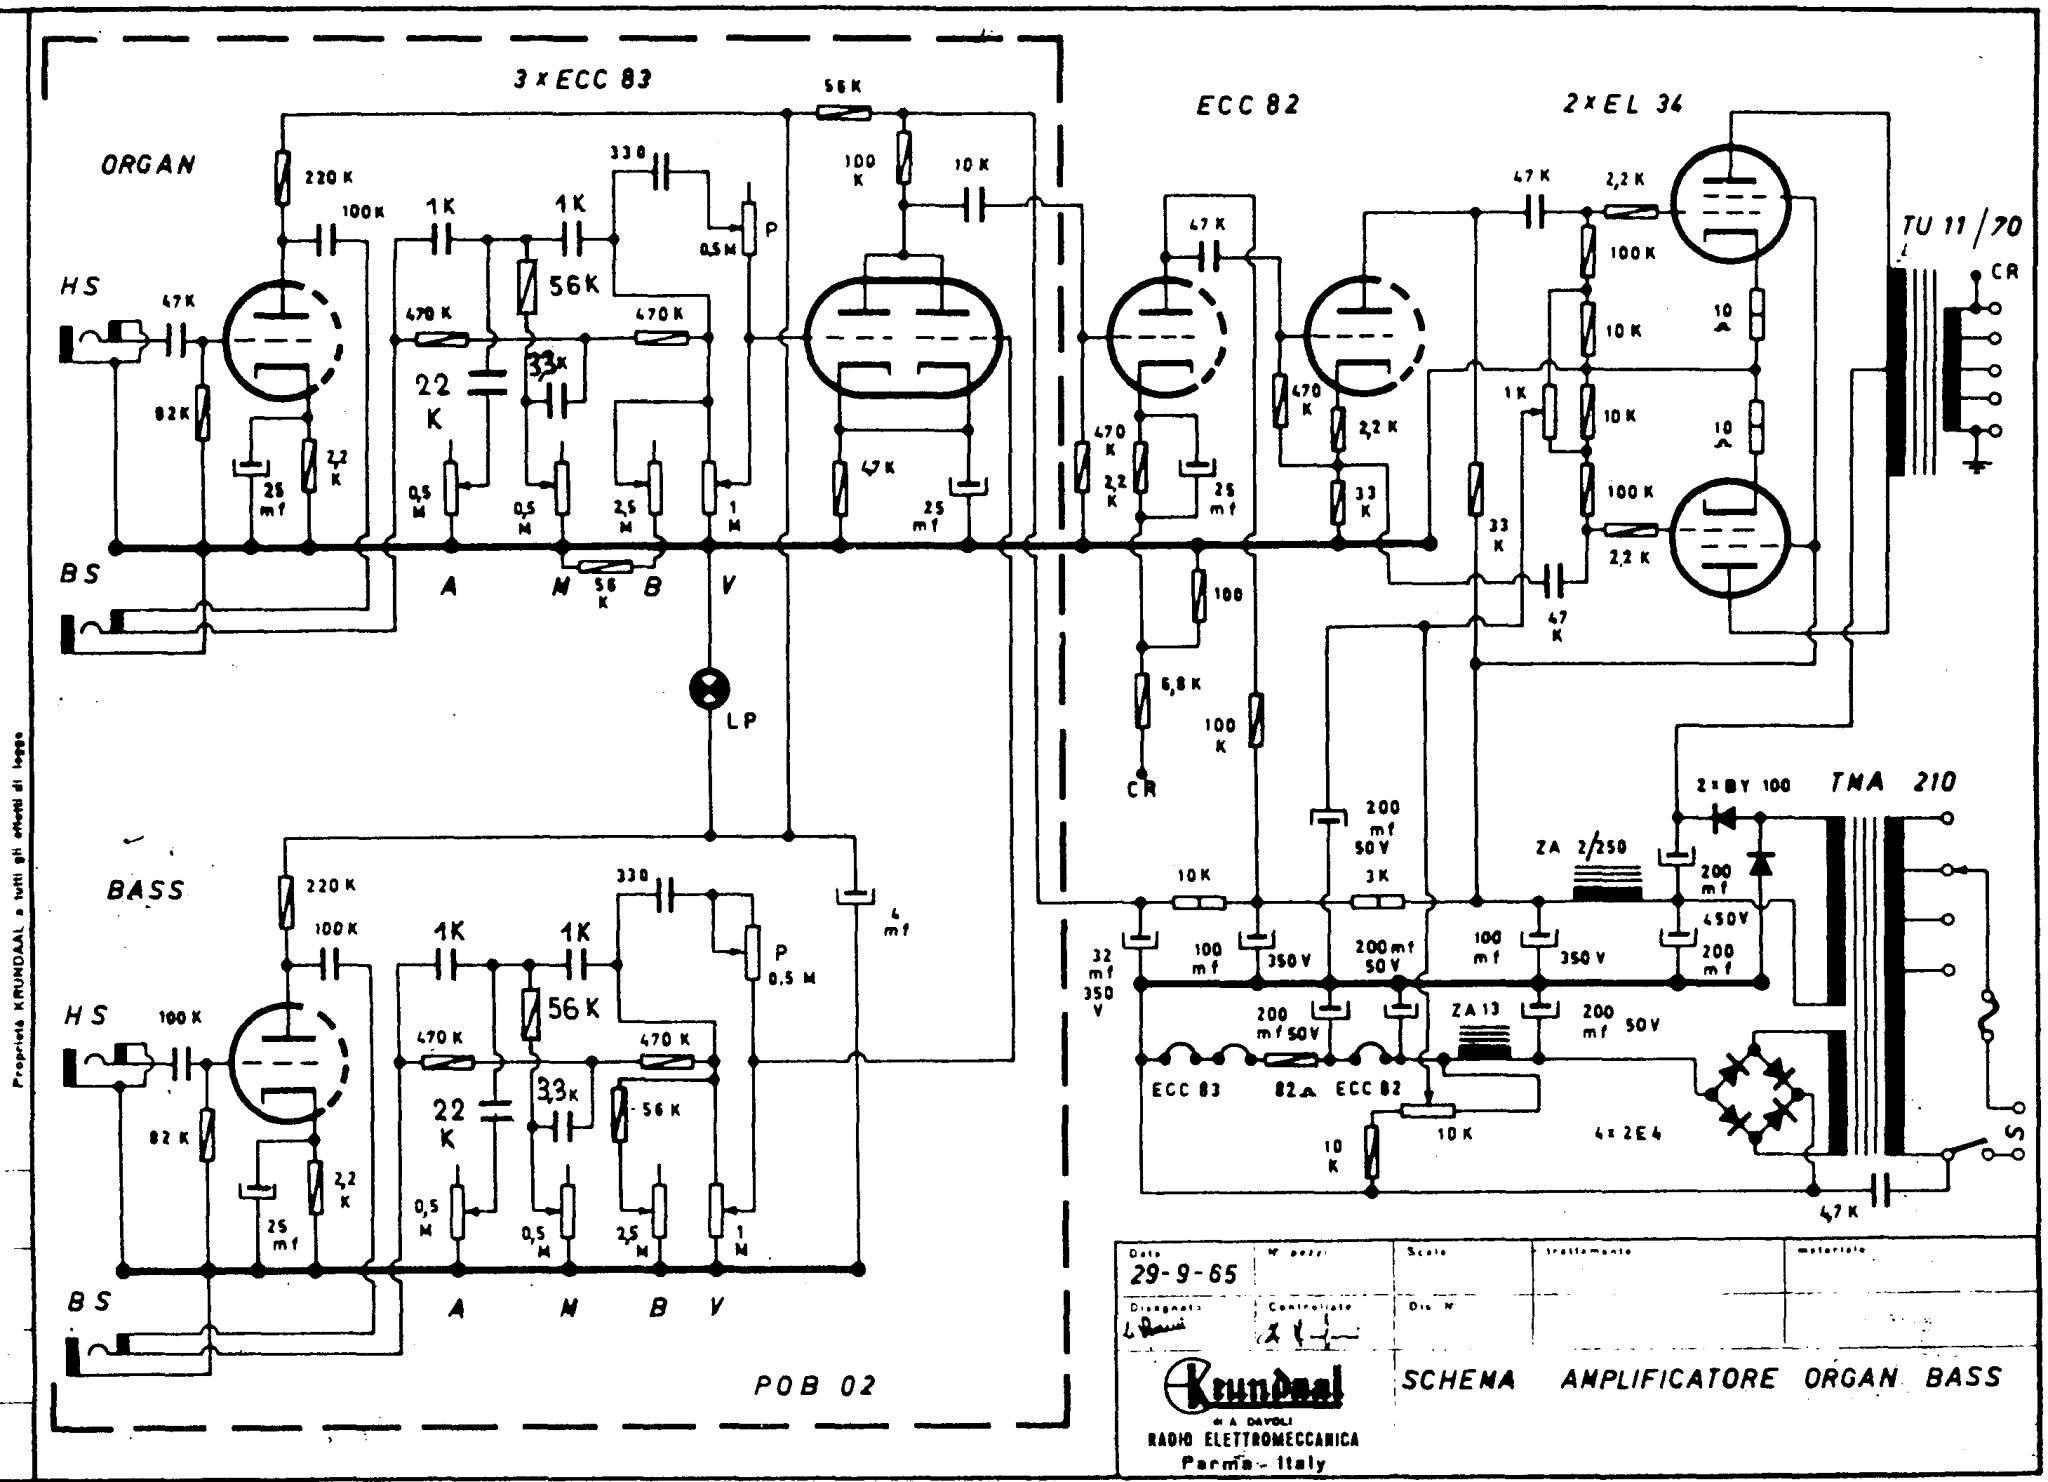 Il Meglio Di Potere Schema Elettronica Chitarra Elettrica Eko